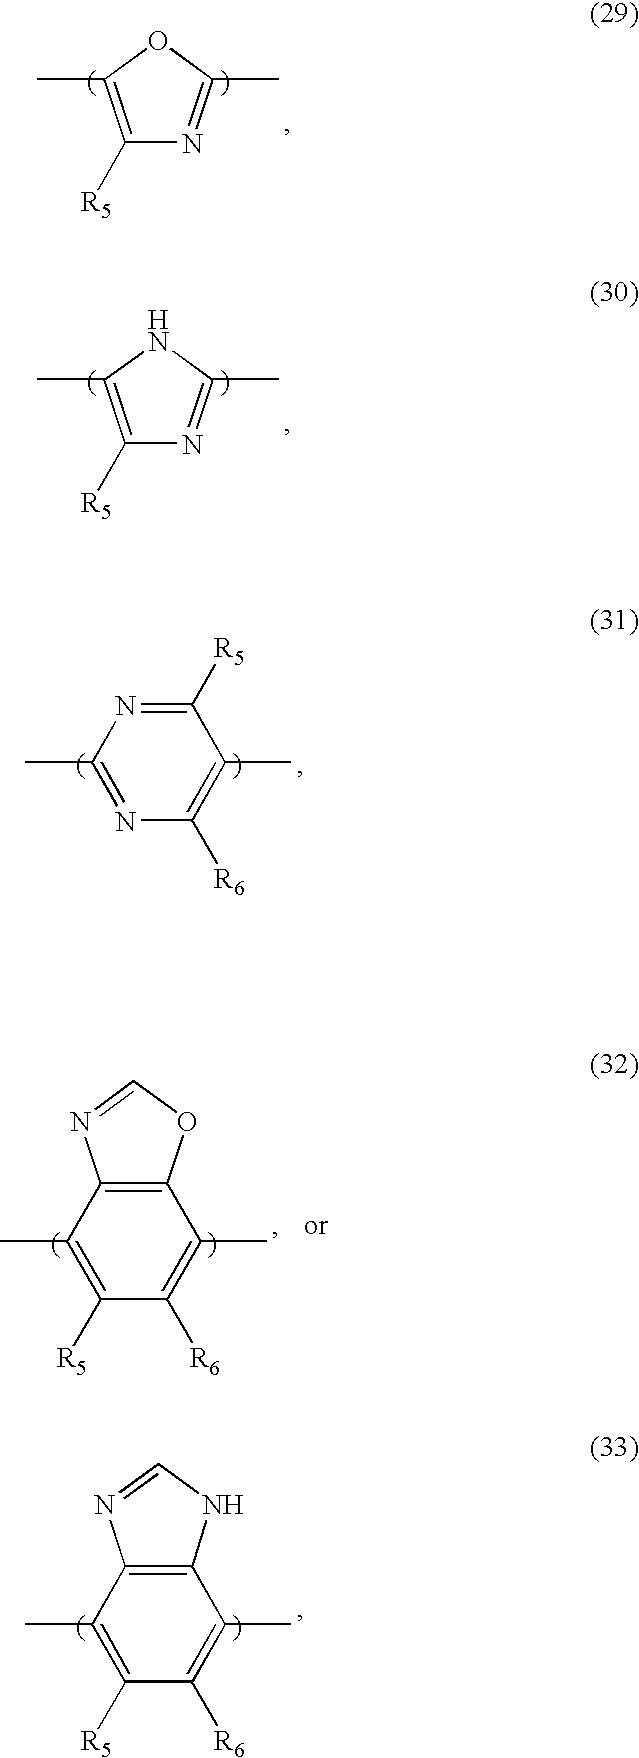 Figure US20090308380A1-20091217-C00005